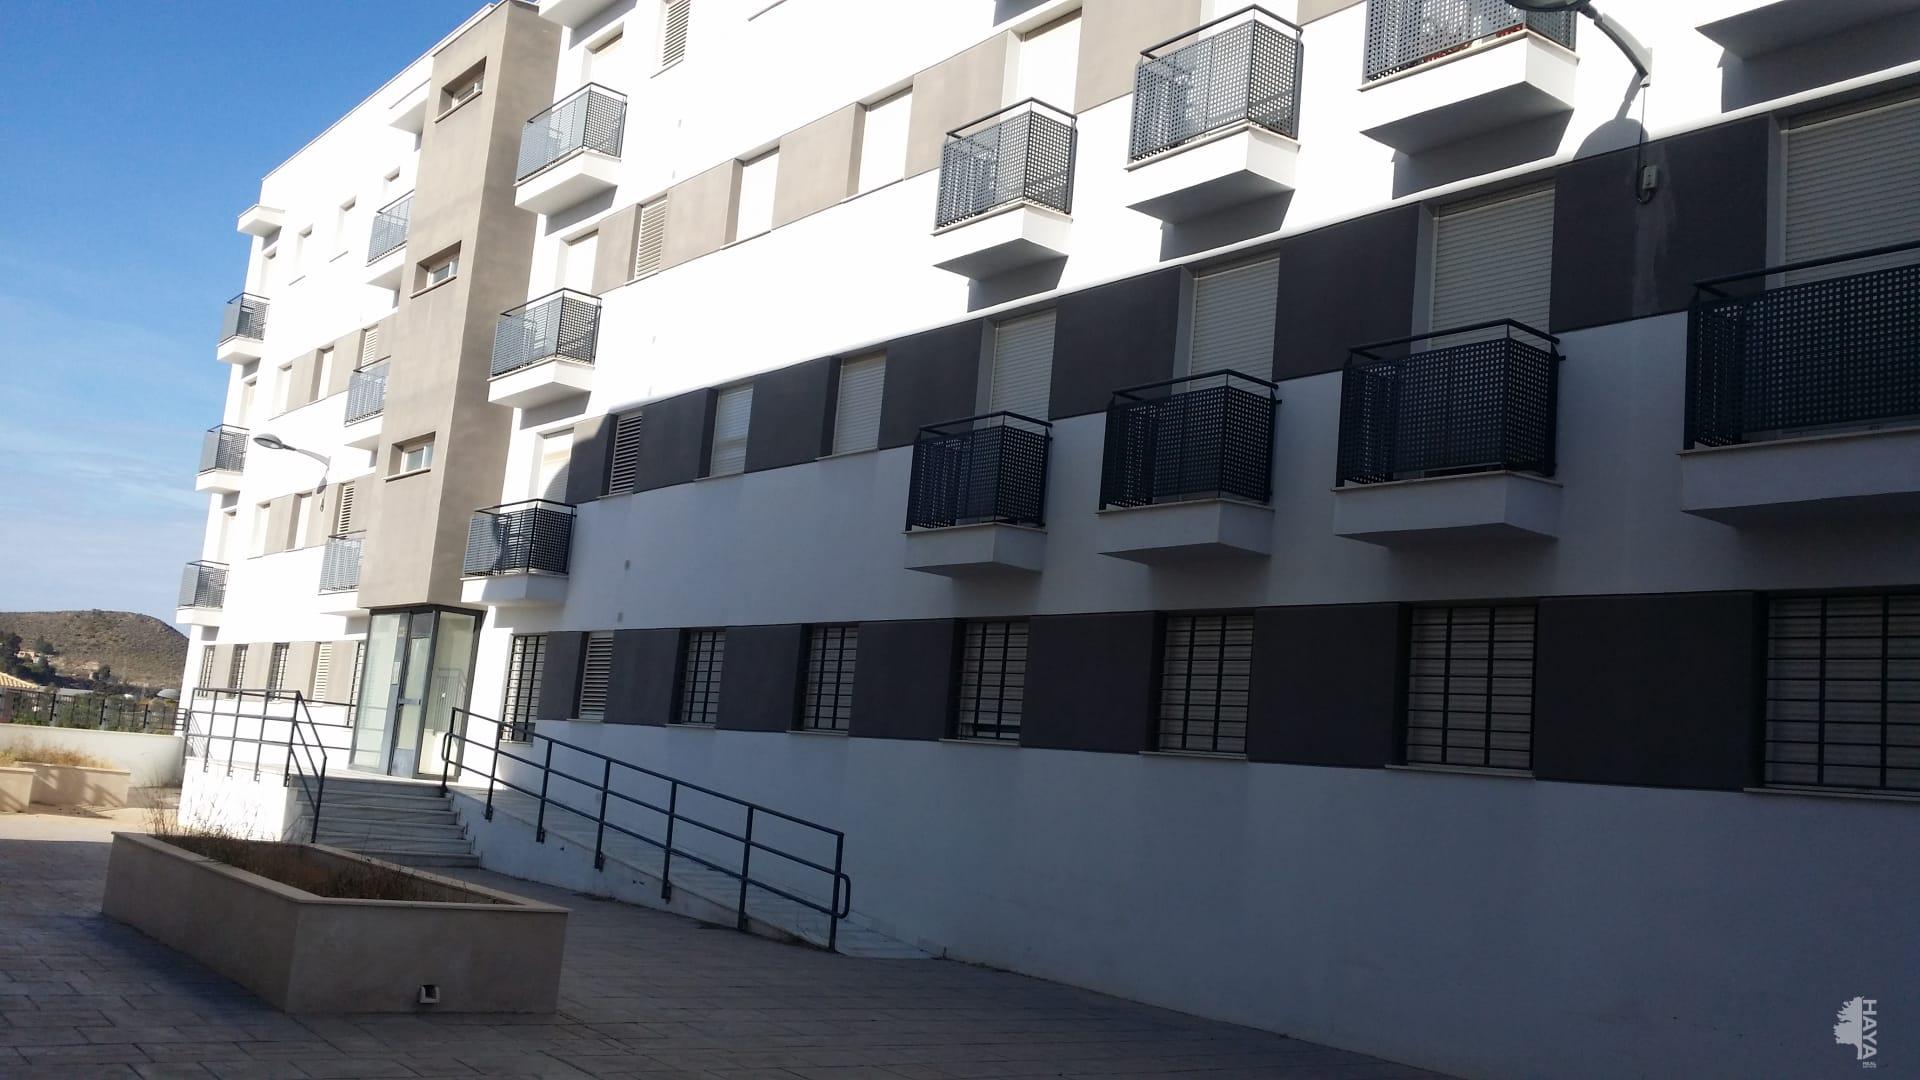 Piso en venta en Huitar Mayor, Olula del Río, Almería, Calle Alta, 70.000 €, 2 habitaciones, 2 baños, 95 m2